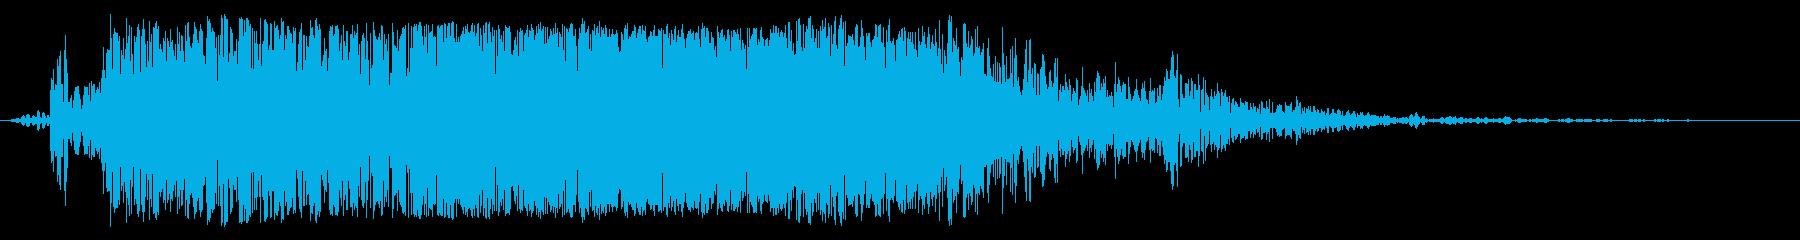 弾丸ピアス金属、フォリーの再生済みの波形